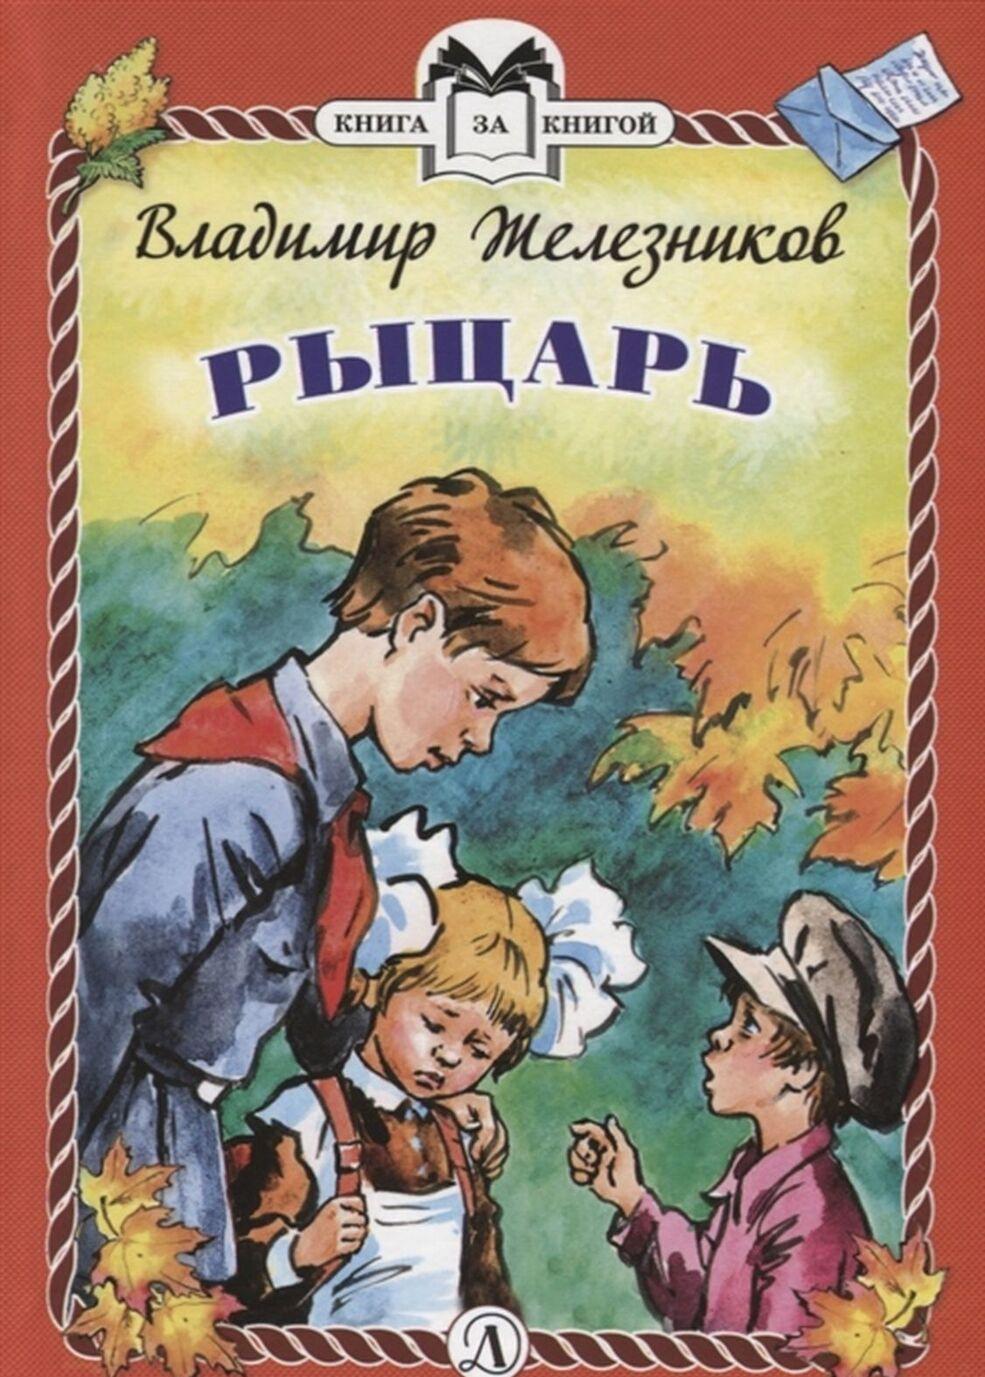 Rytsar | Zheleznikov Vladimir Karpovich